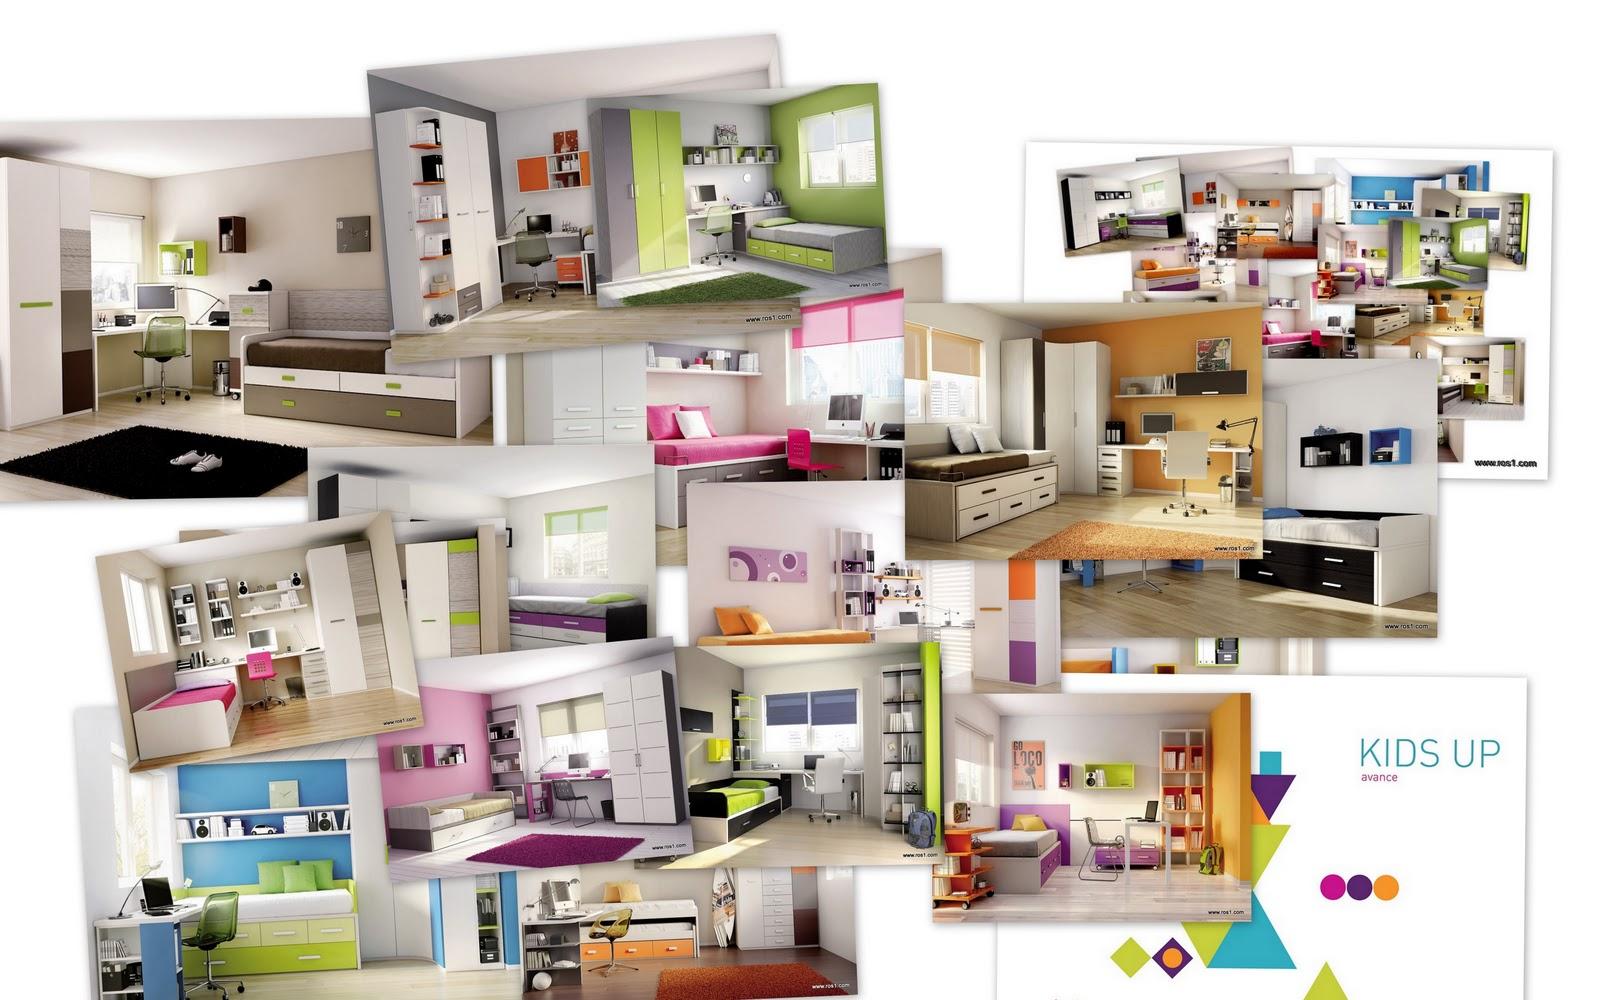 Muebles ros pr ximamente nuevo mueble juvenil for Muebles gundin arteixo catalogo